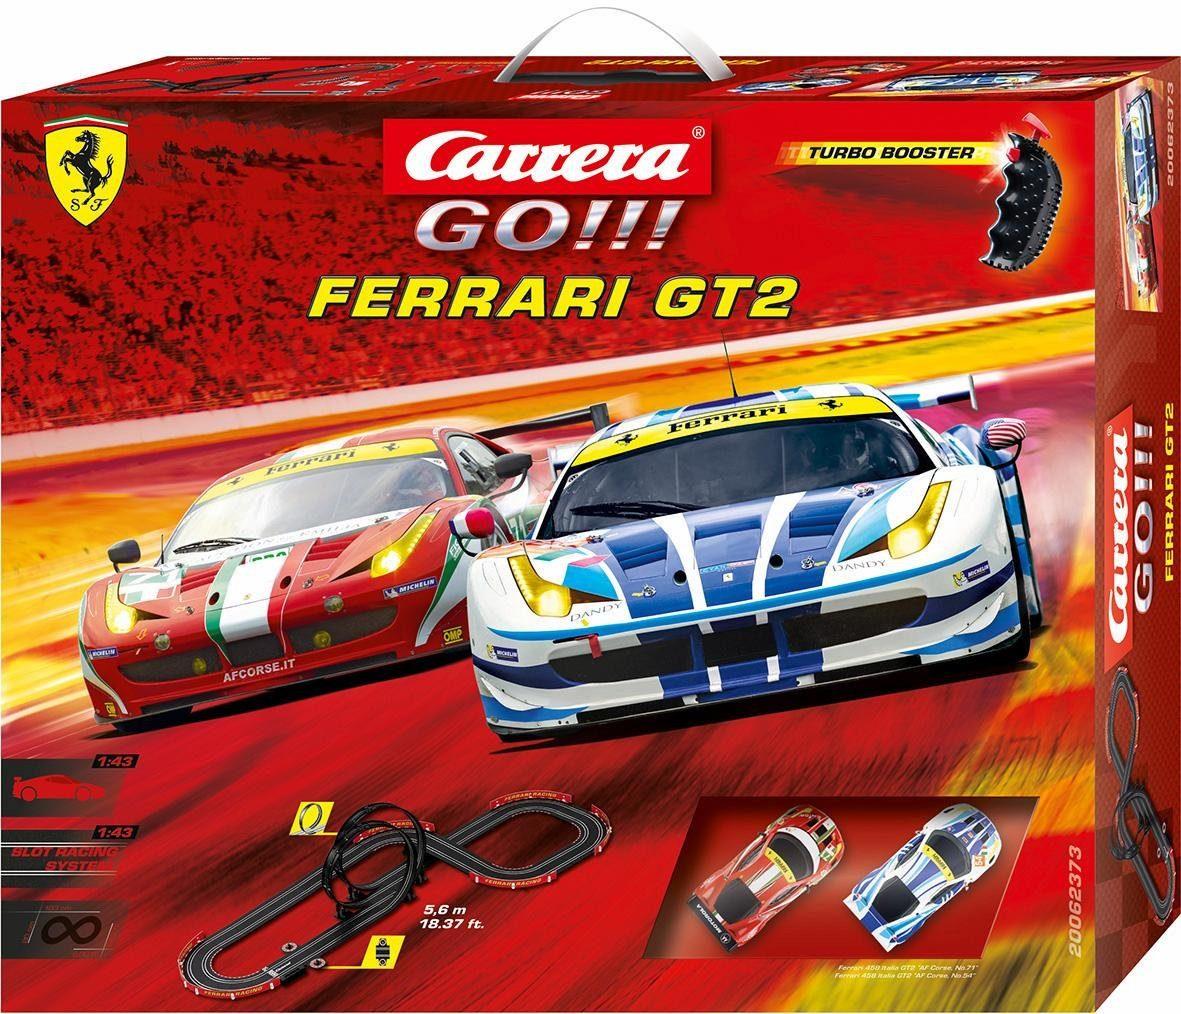 Carrera Autorennbahn, »Carrera® GO!!!, Ferrari GT2 «